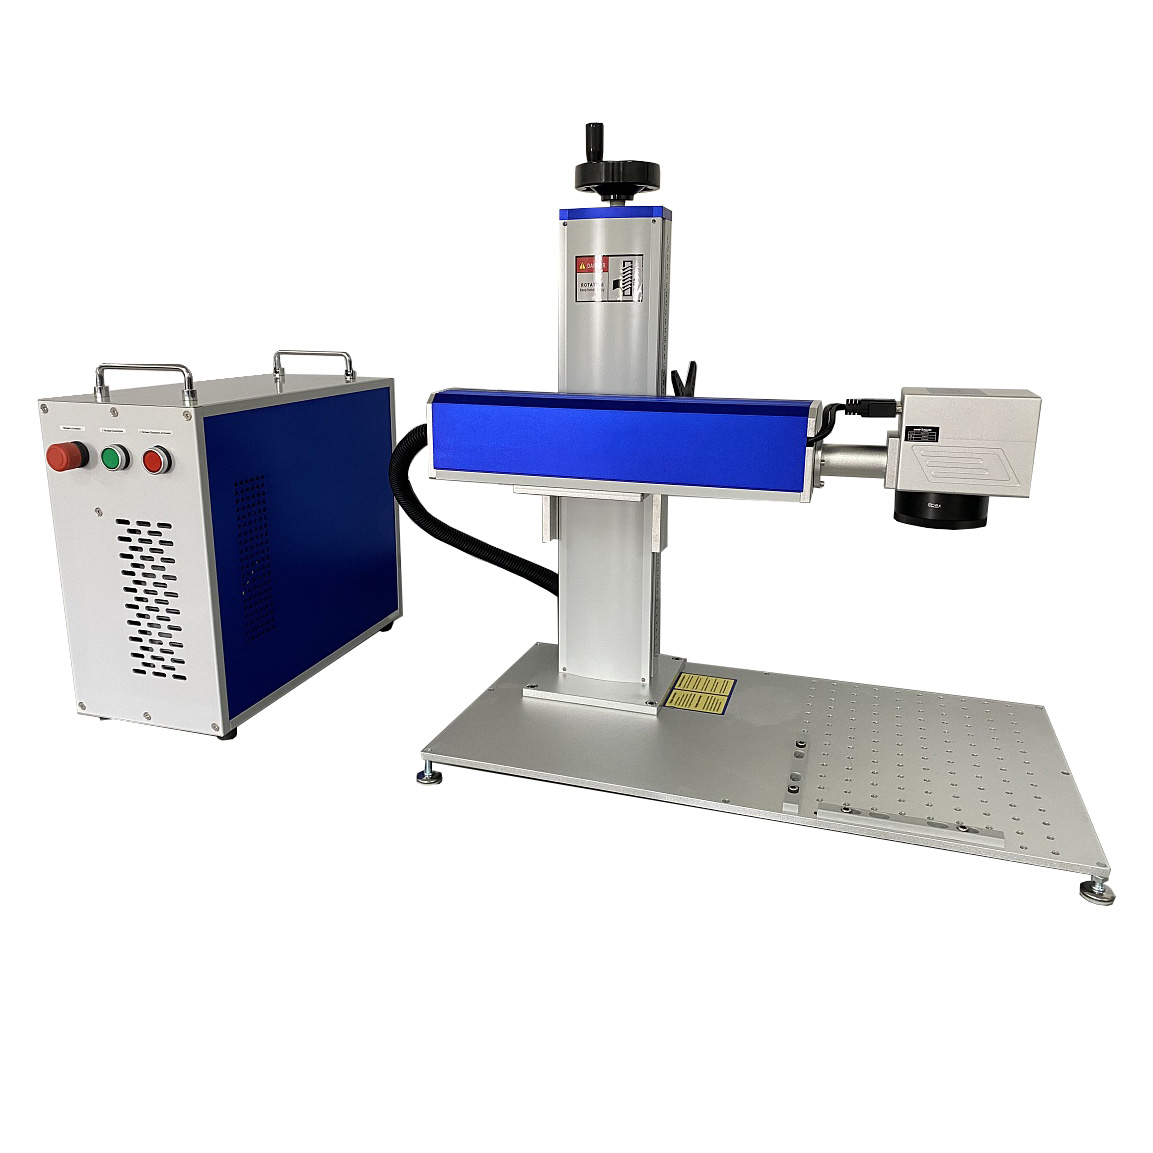 Лазерный волоконный маркировщик LSX Raycus 30Q